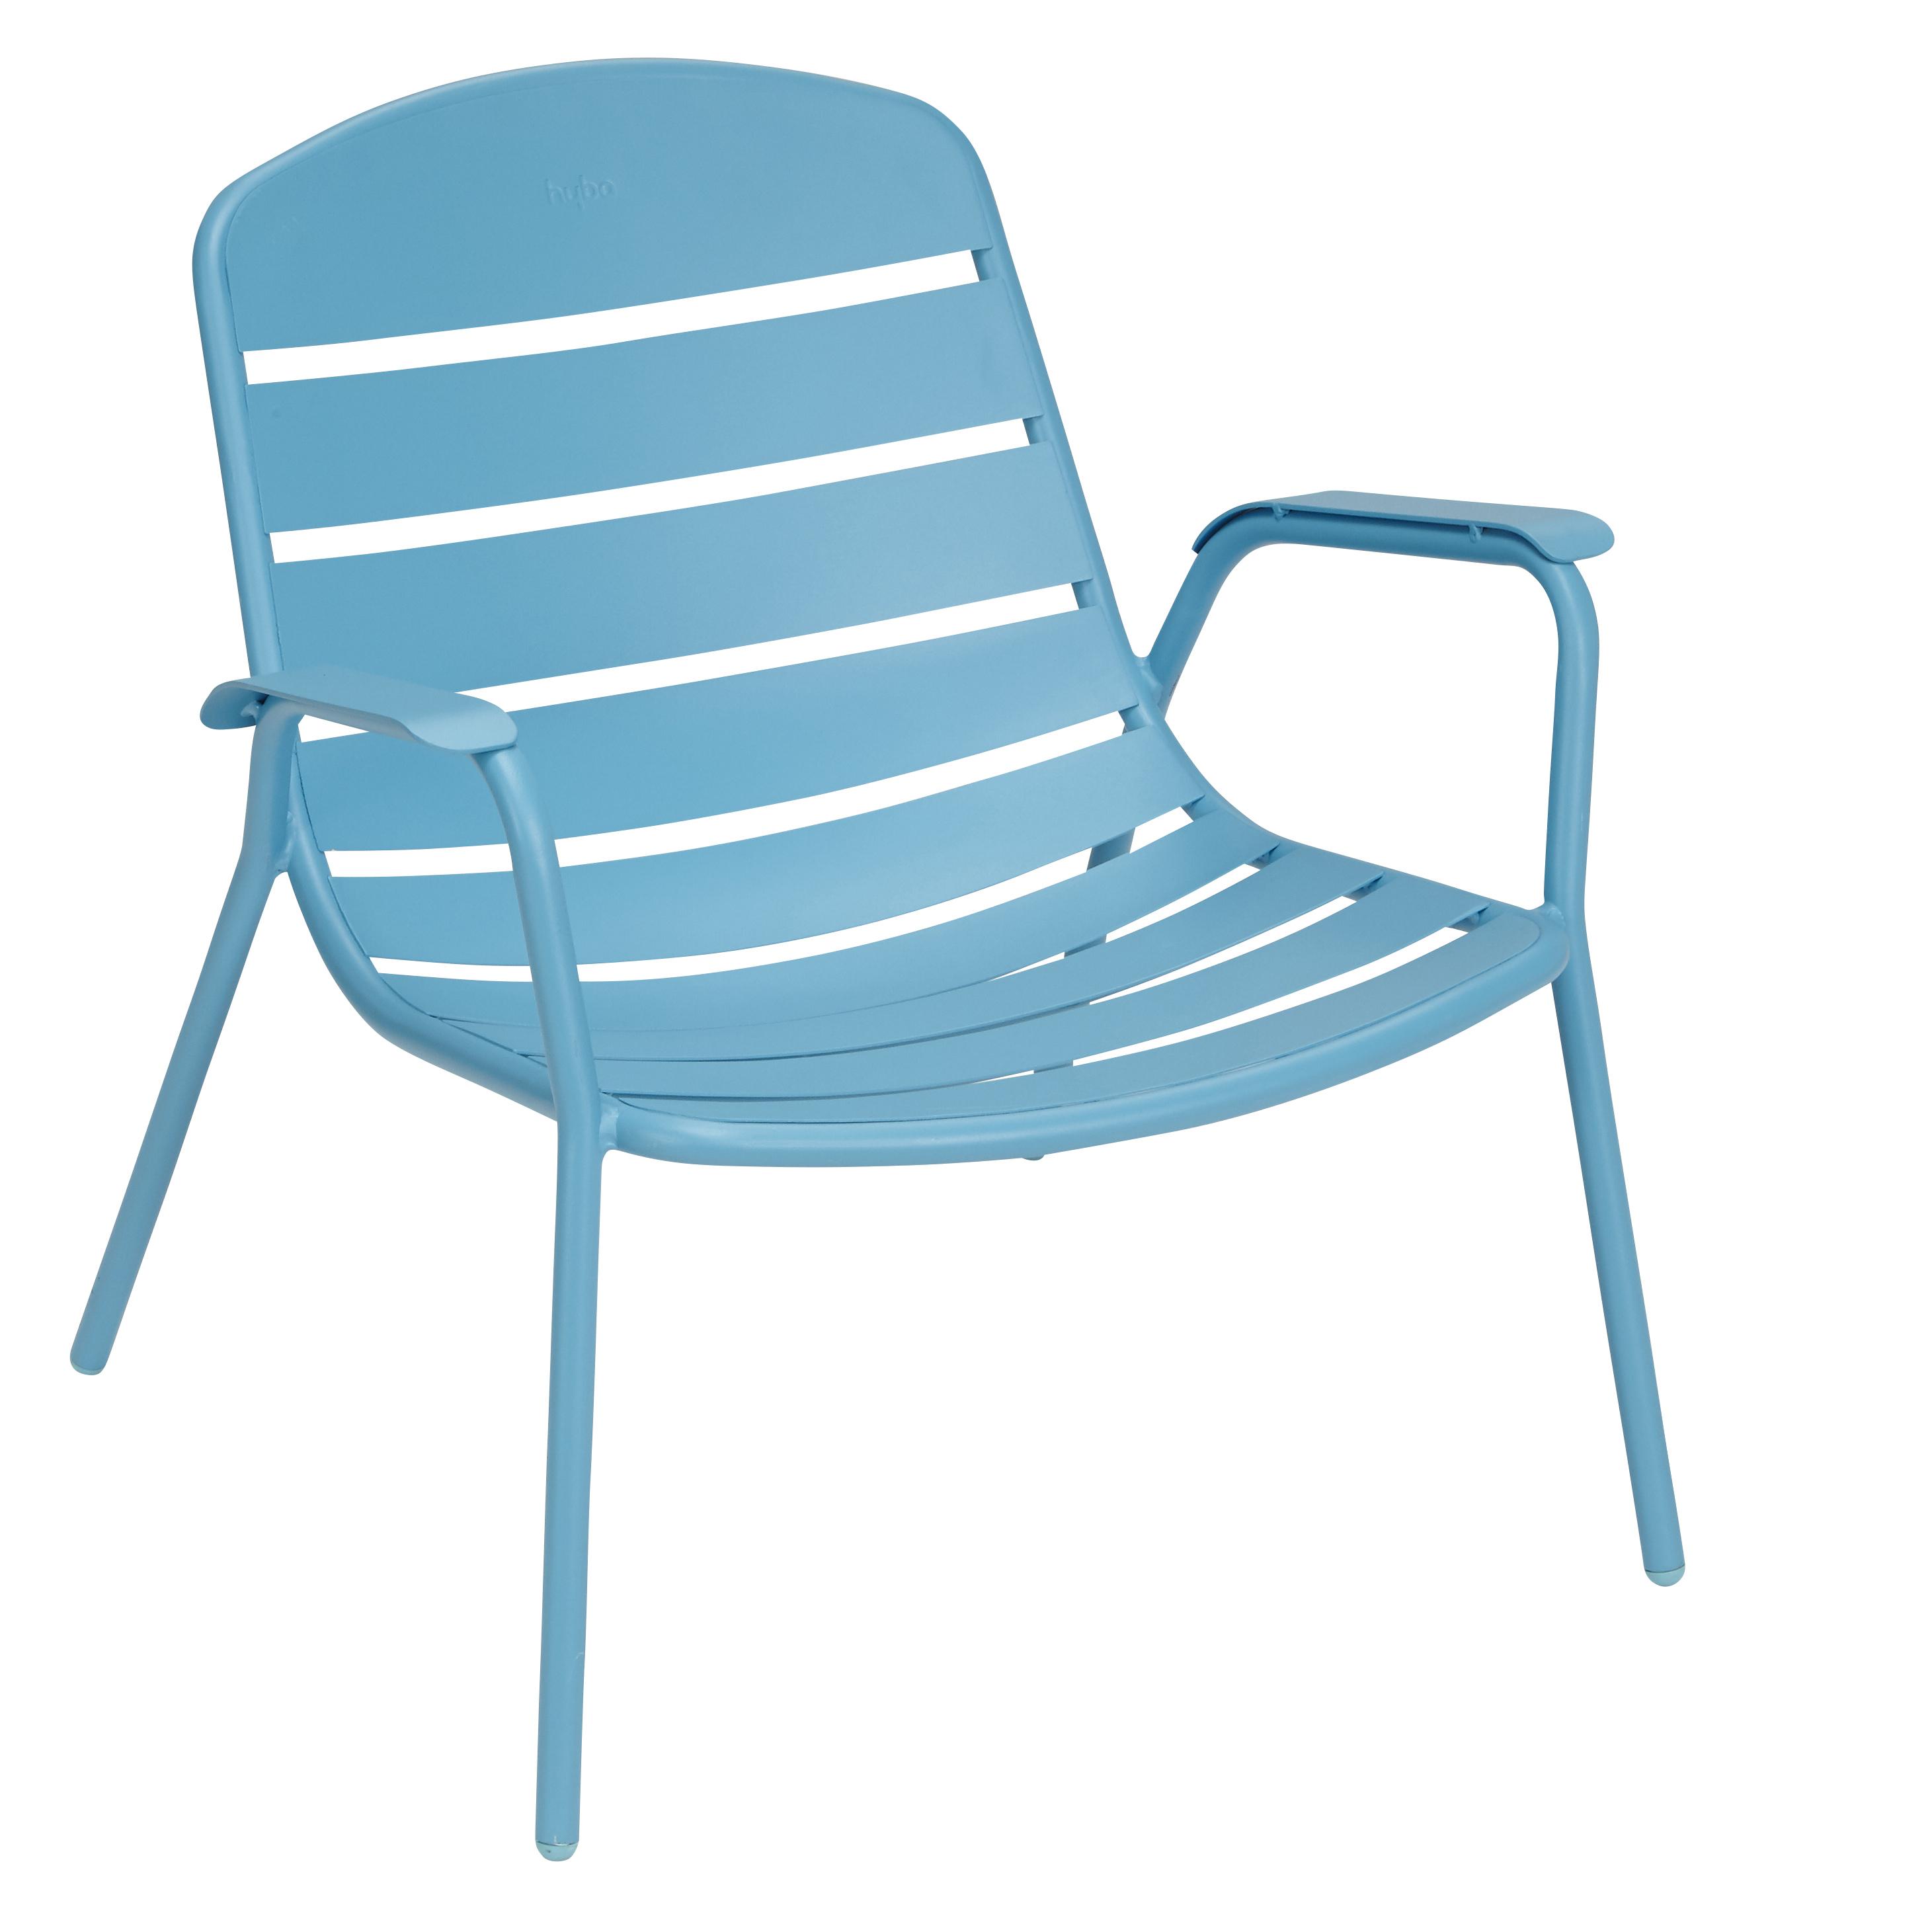 hyba ensemble table basse de jardin alu 151 bleu 2 fauteuils bas de jardin alu 151 bleus. Black Bedroom Furniture Sets. Home Design Ideas